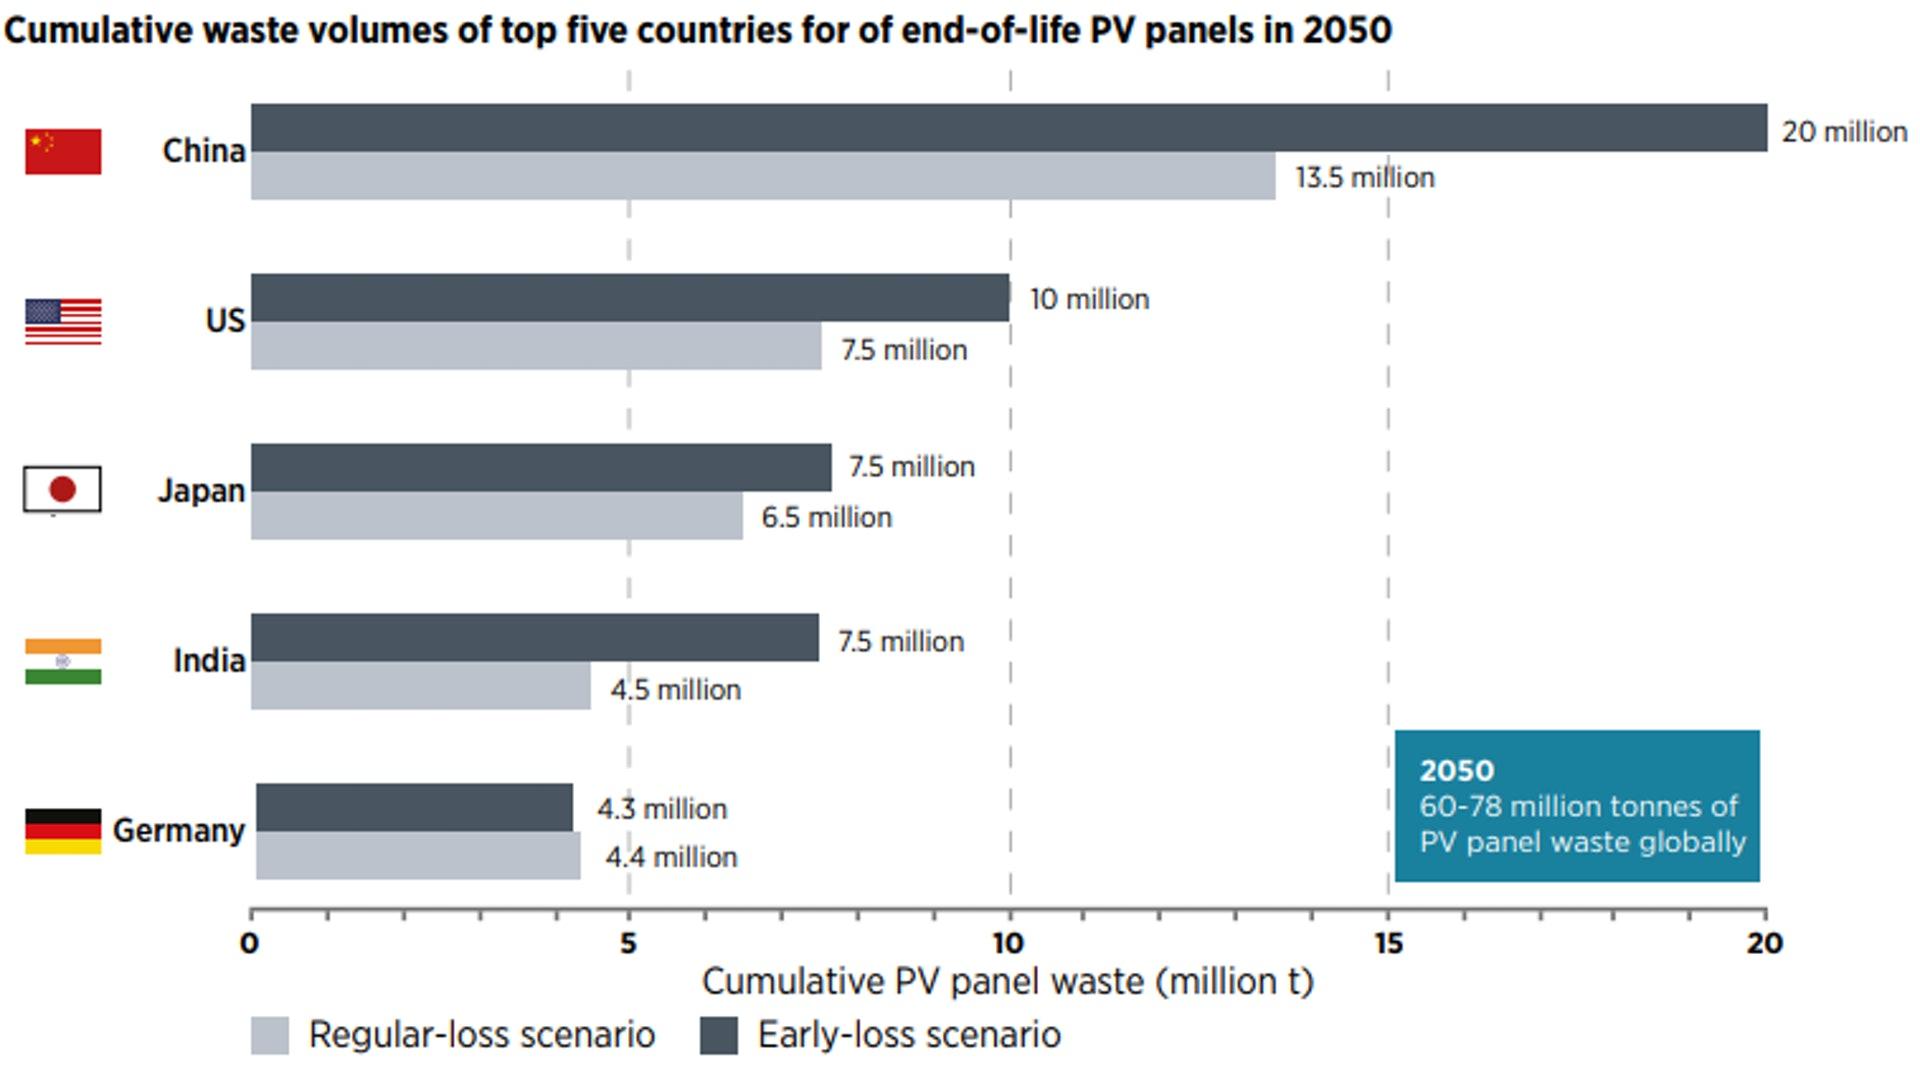 全球PV板數量趨勢。(來源:IRENA 2016 AND IEA-PVPS 2016)